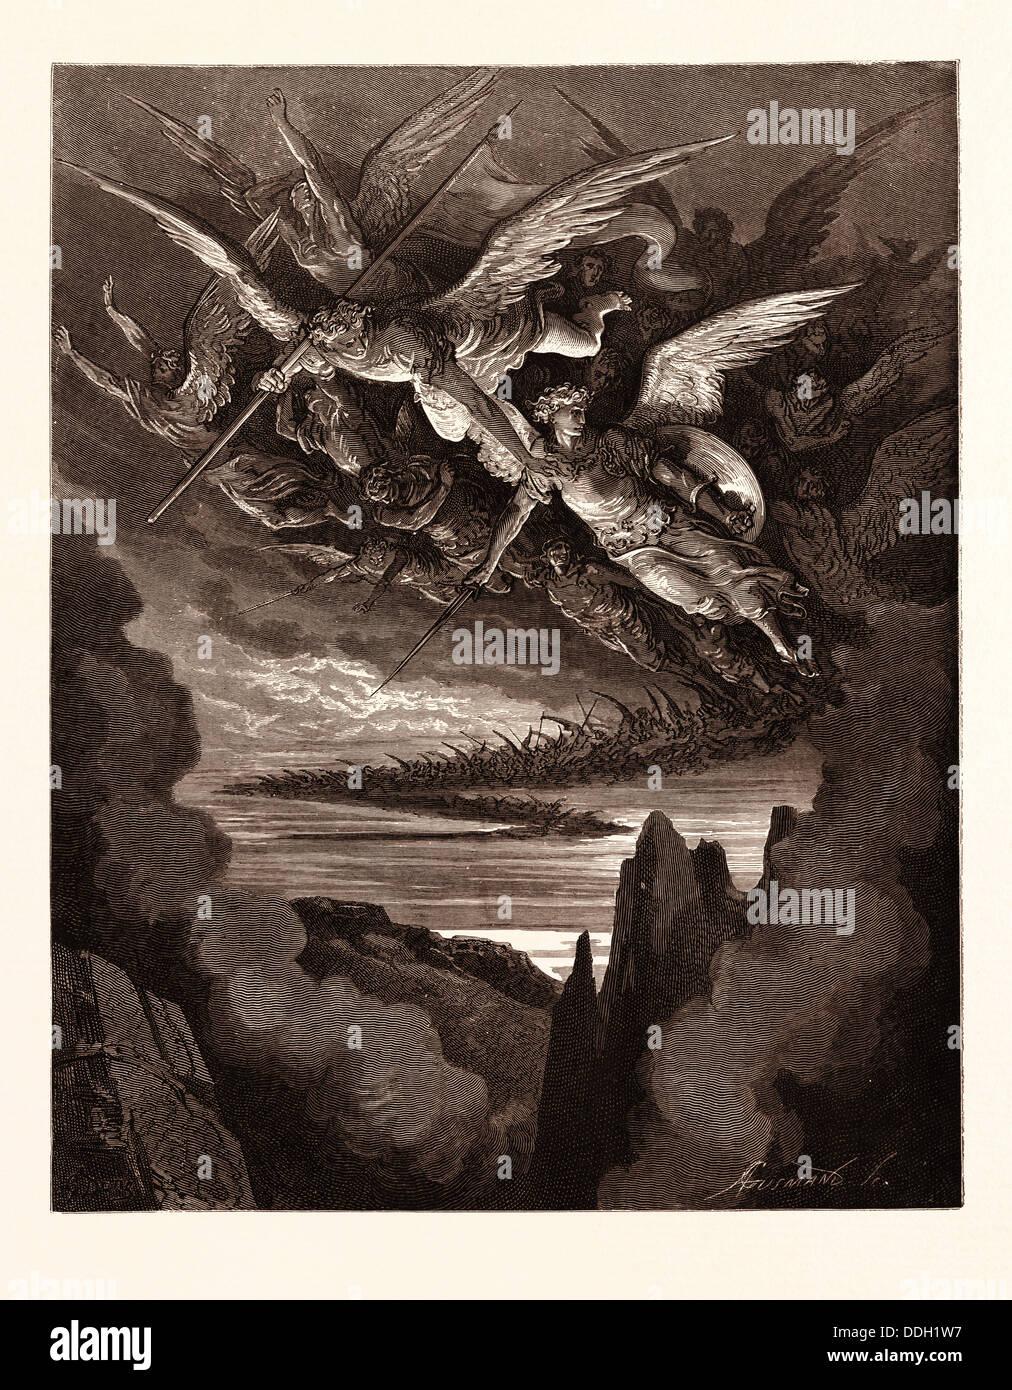 DIE GEFALLENEN ENGEL AM FLÜGEL, VON GUSTAVE DORÉ. Dore, 1832-1883, Französisch. Gravur für Paradise Stockbild